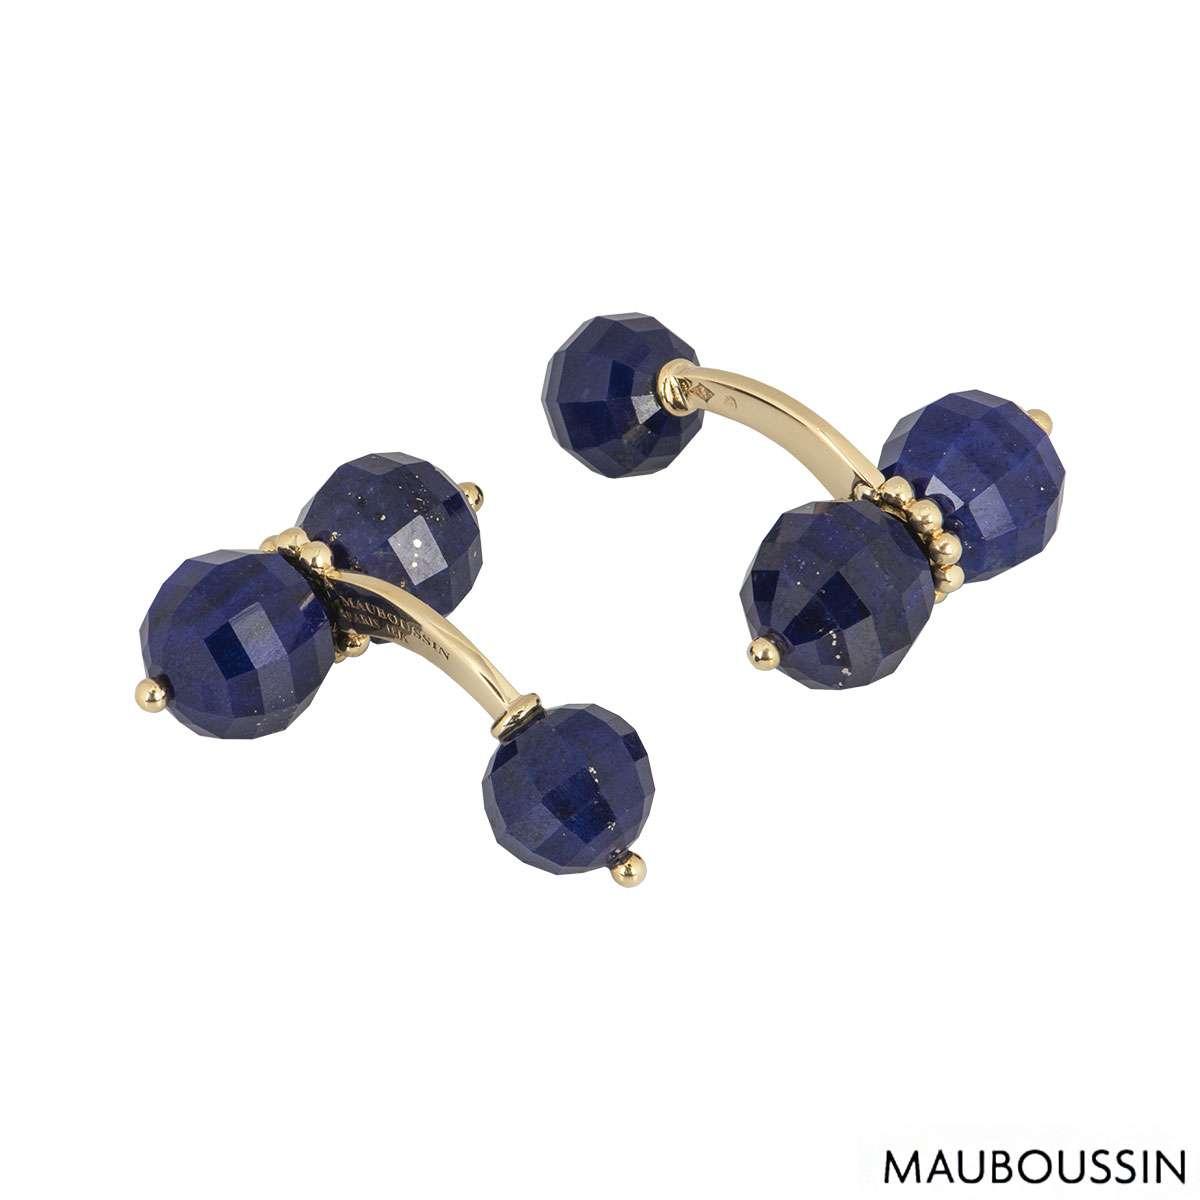 Mauboussin Yellow Gold Lapis Lazuli Cufflinks